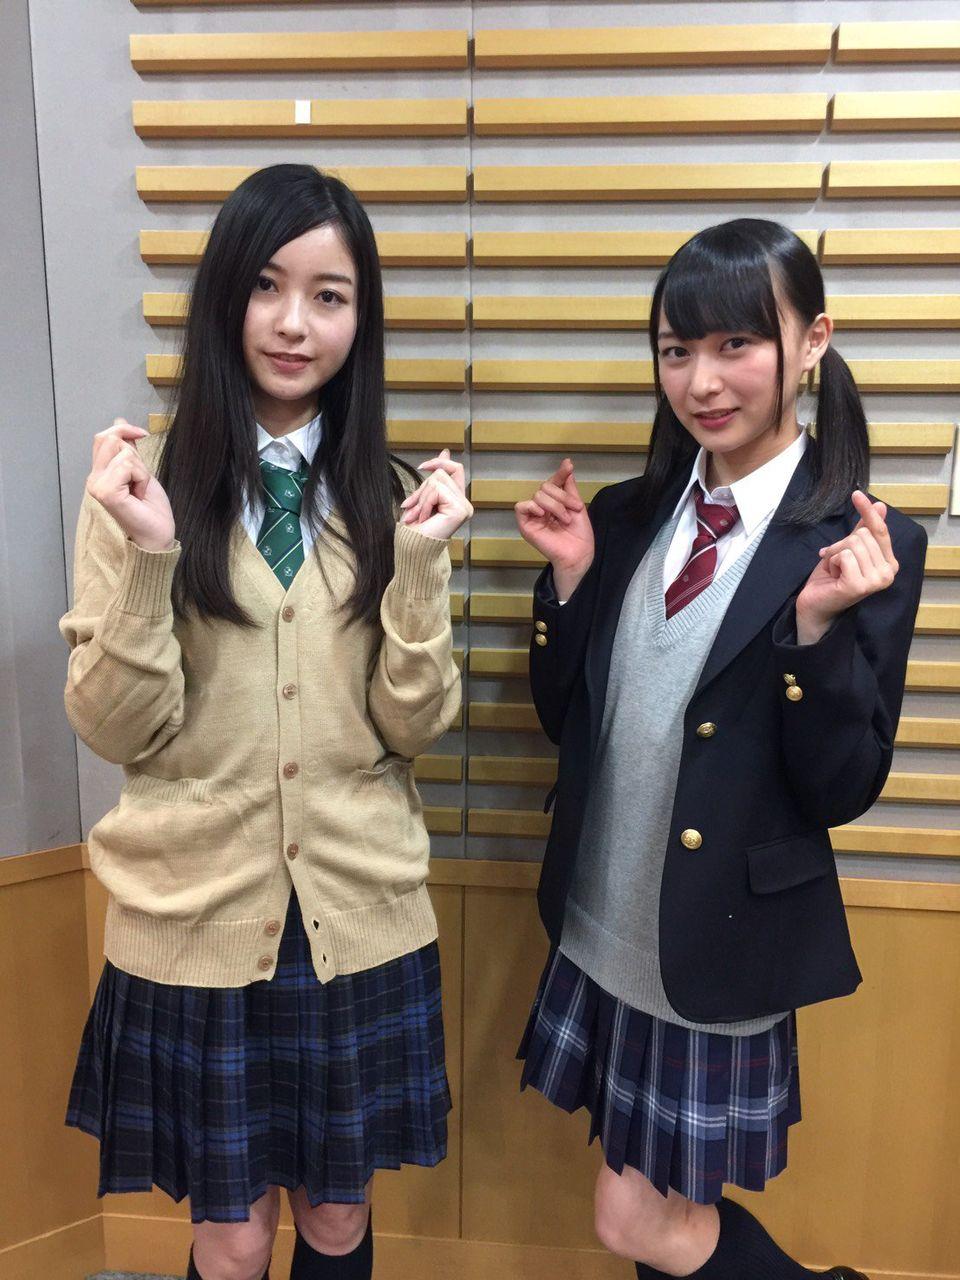 椎名もも 制服 アシスタント鈴木絢音ちゃん(制服)・ゲスト佐々木琴子ちゃん(なぜか制服)生登場中! 「JKっぽいポーズ」をお願いしたら、やってくれたポーズです。